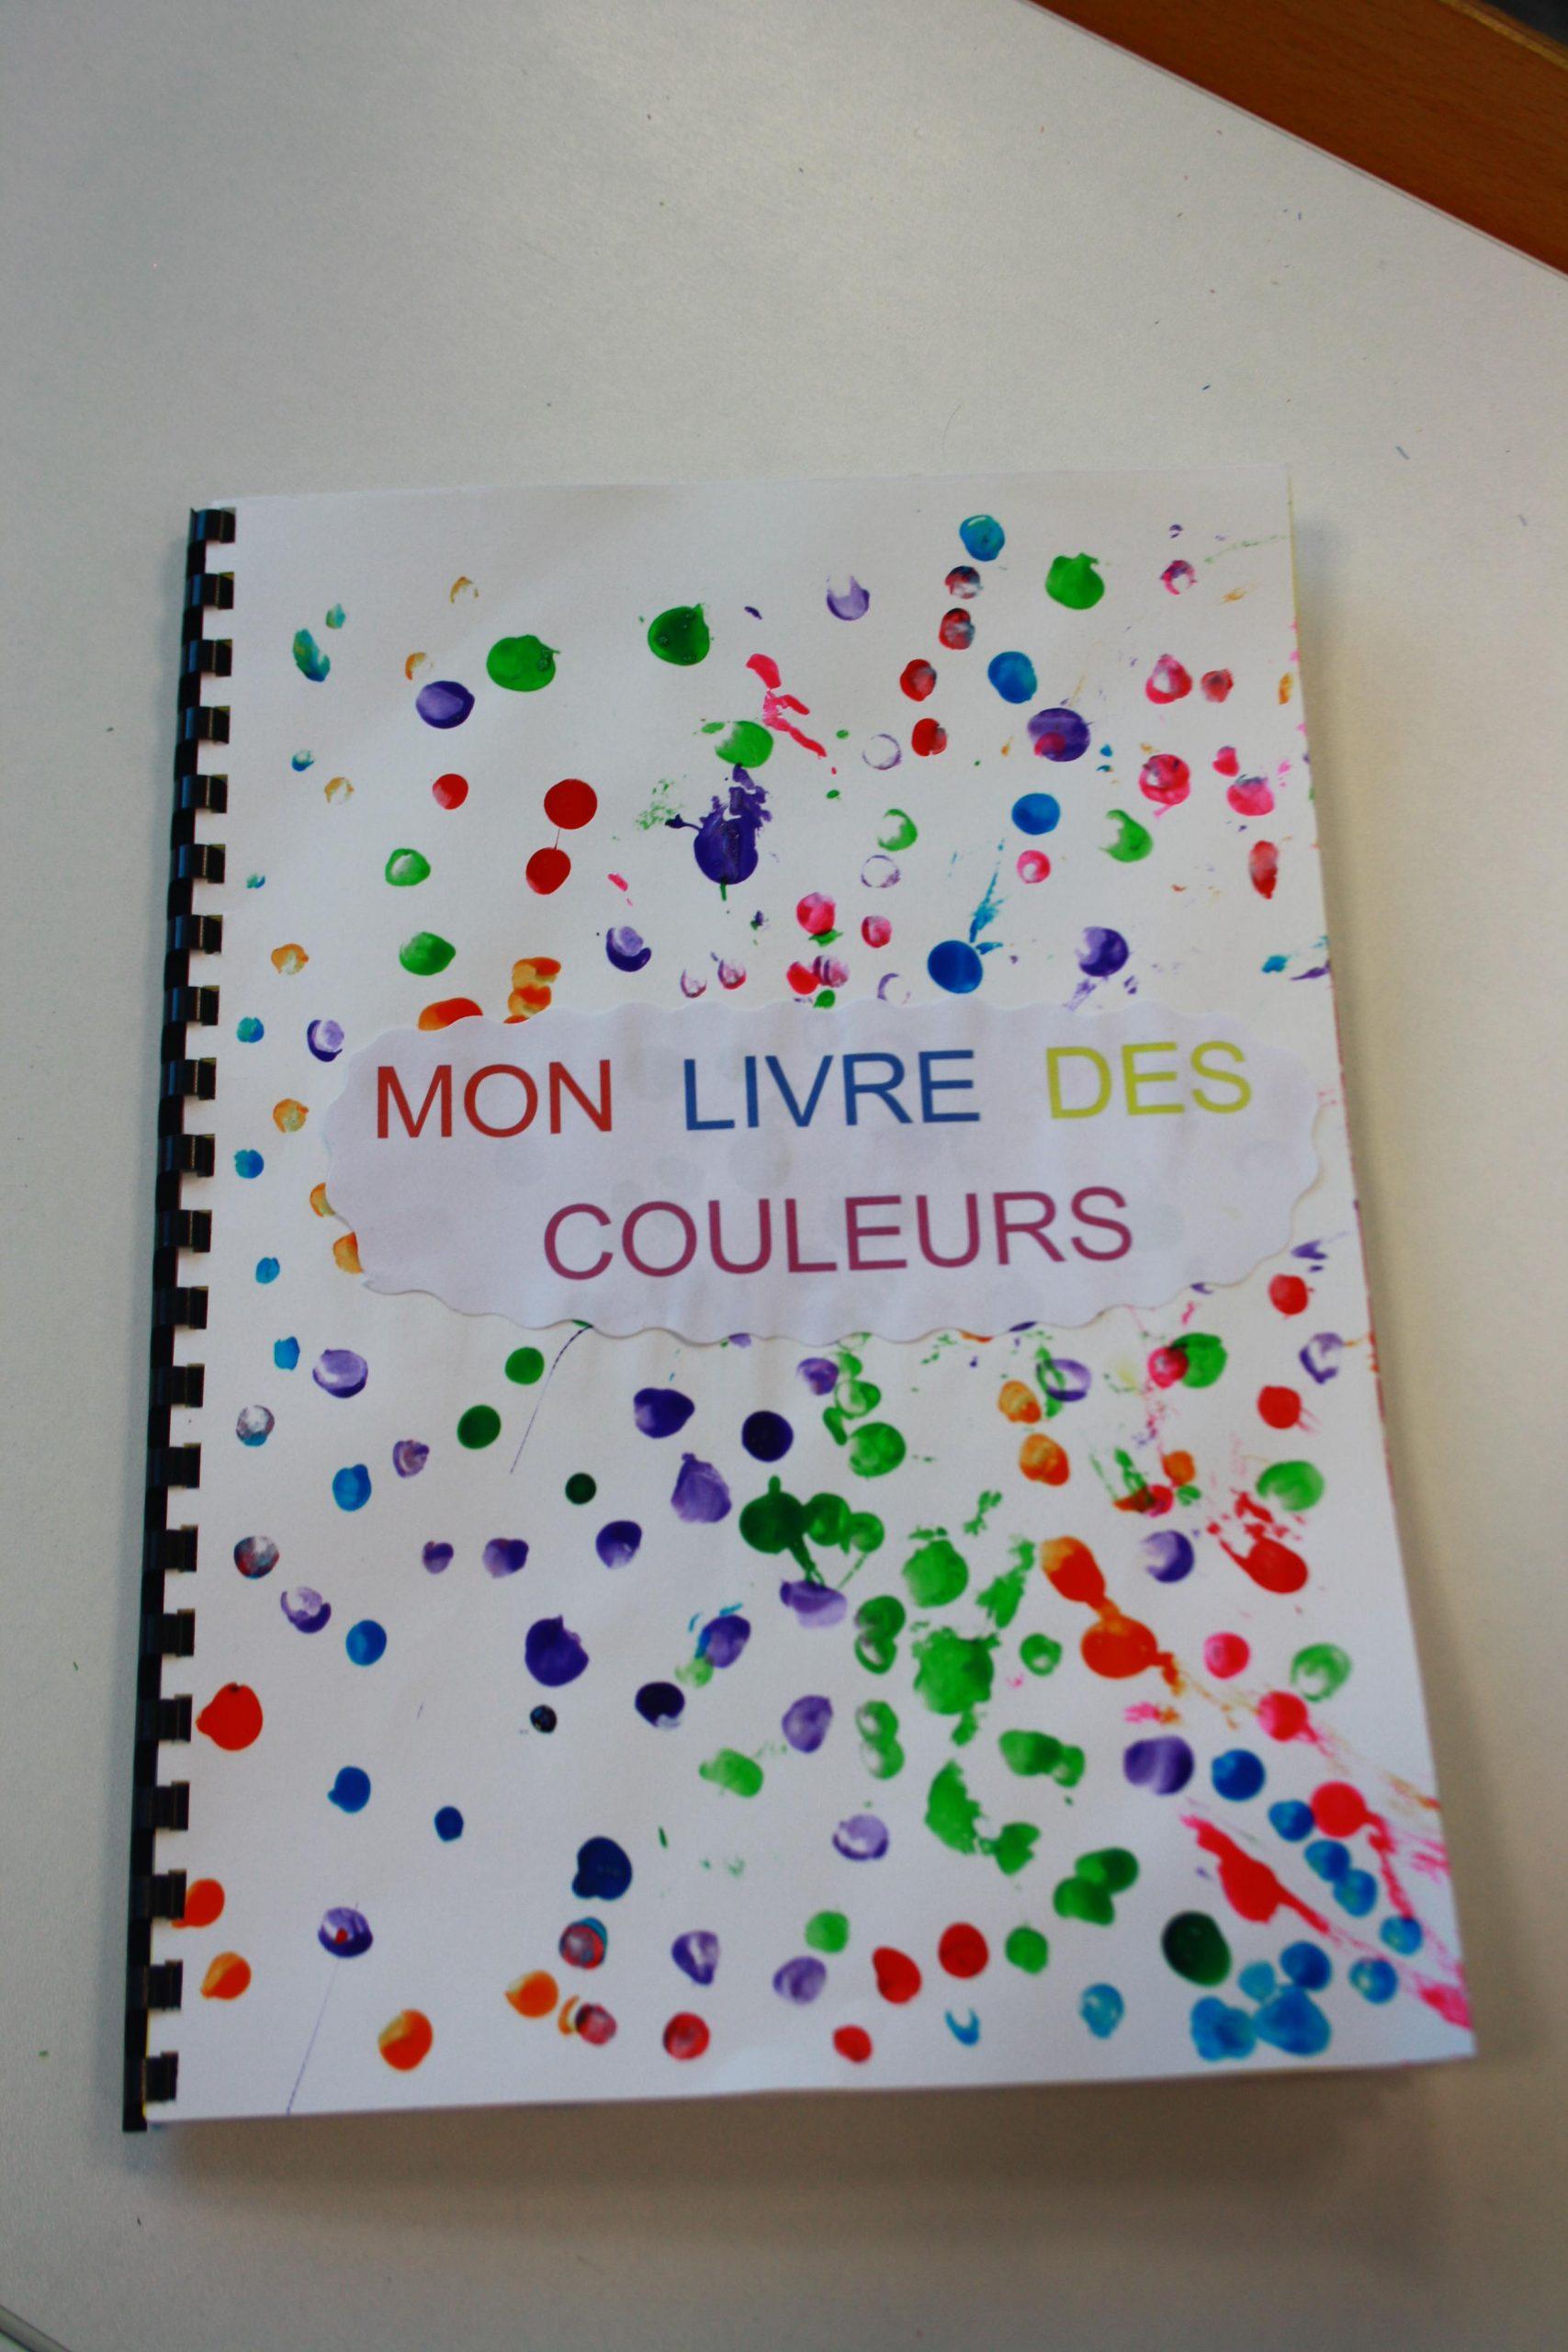 Ecole Michel Hocquard - Epaignes » Le Livre Des Couleurs destiné De Toutes Les Couleurs